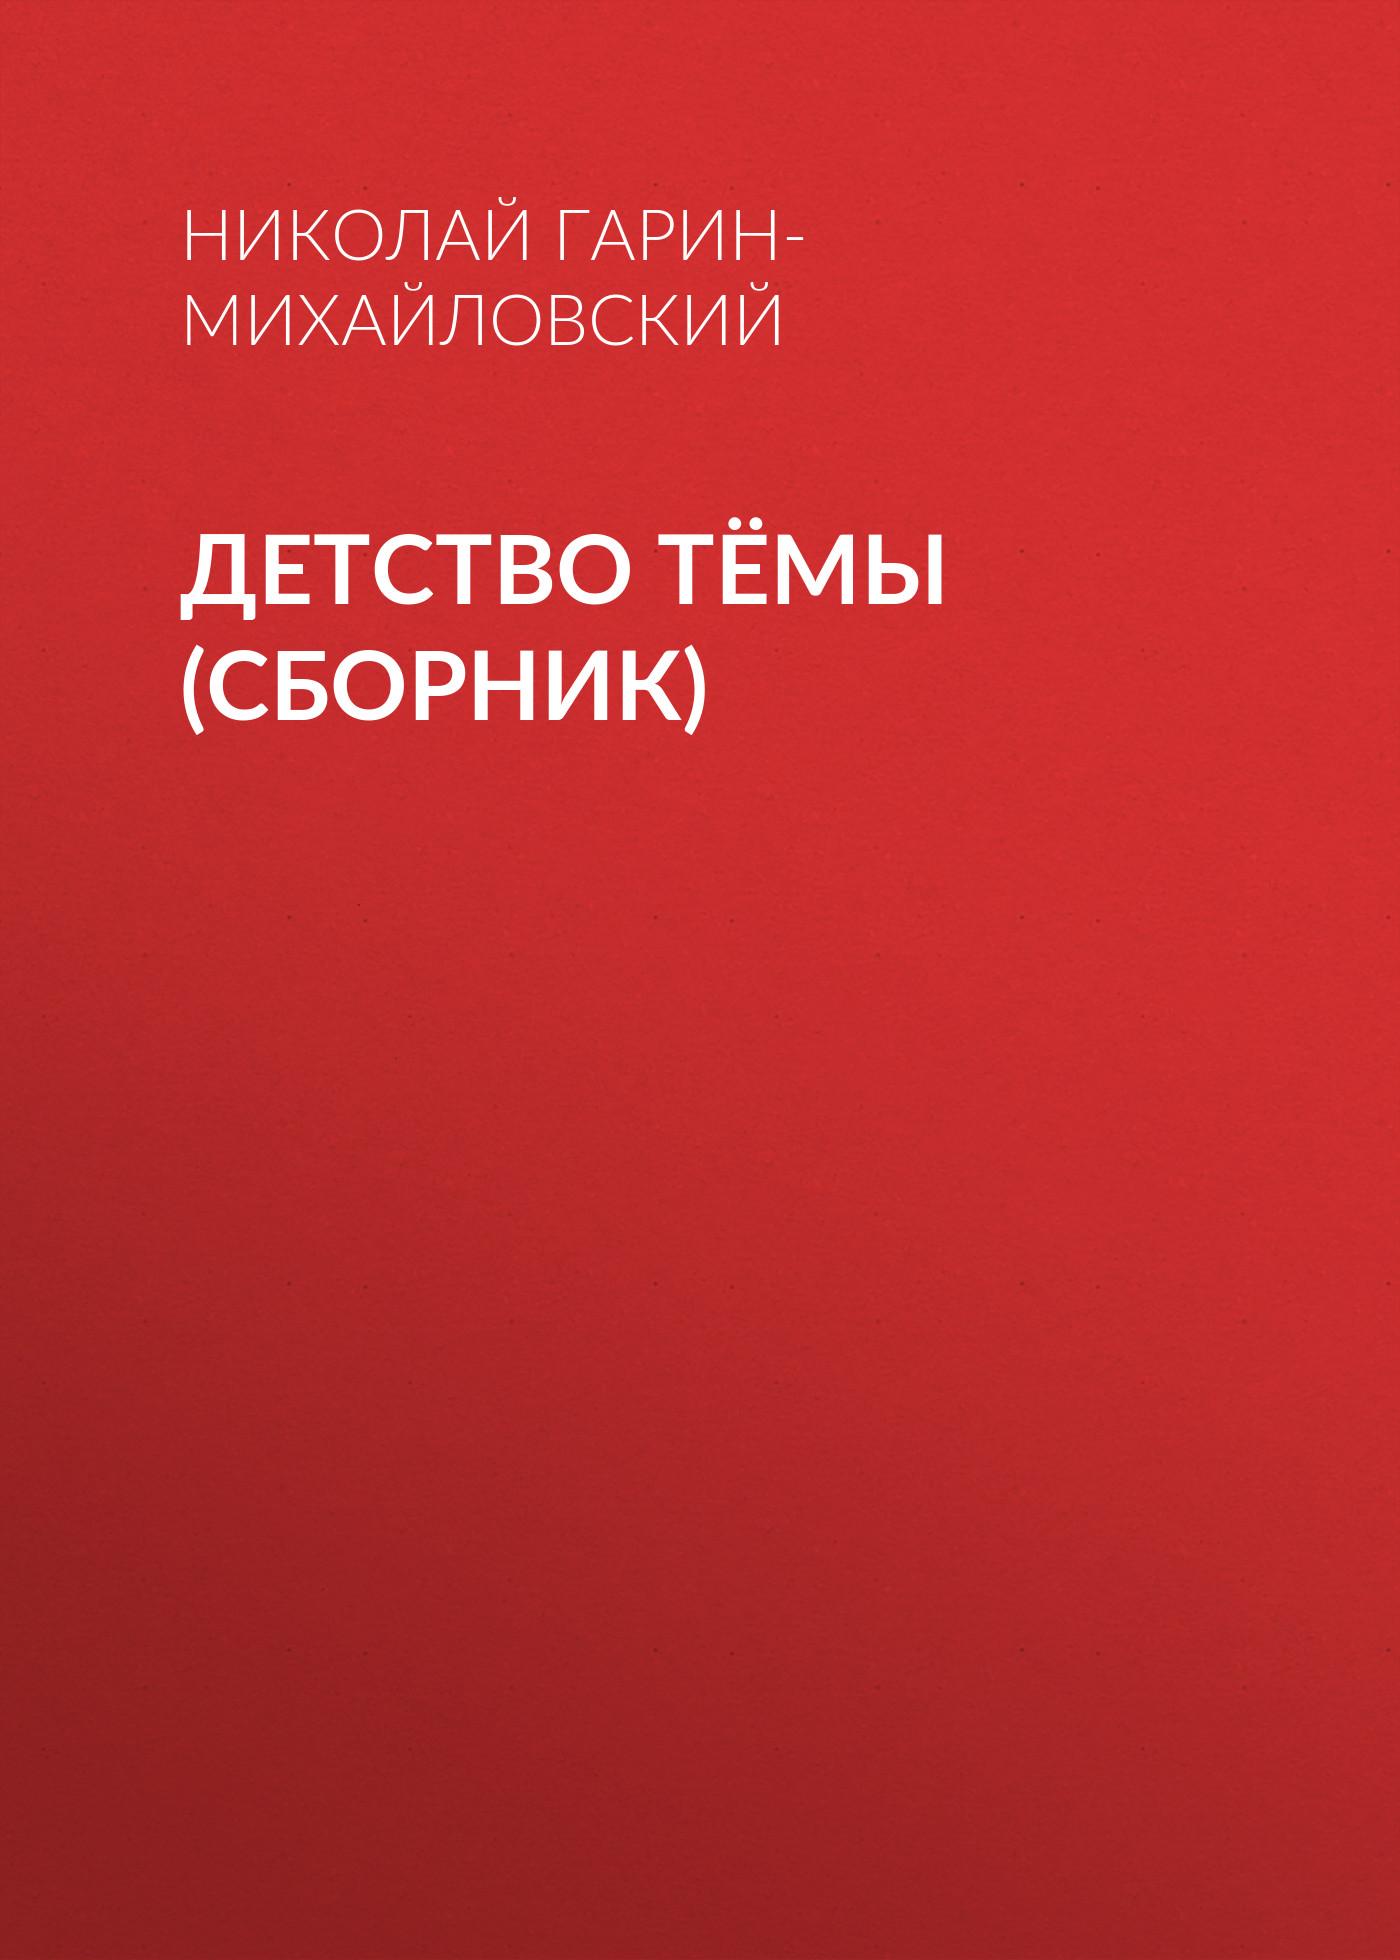 Николай Гарин-Михайловский Детство Тёмы (сборник) николай гарин михайловский исповедь отца